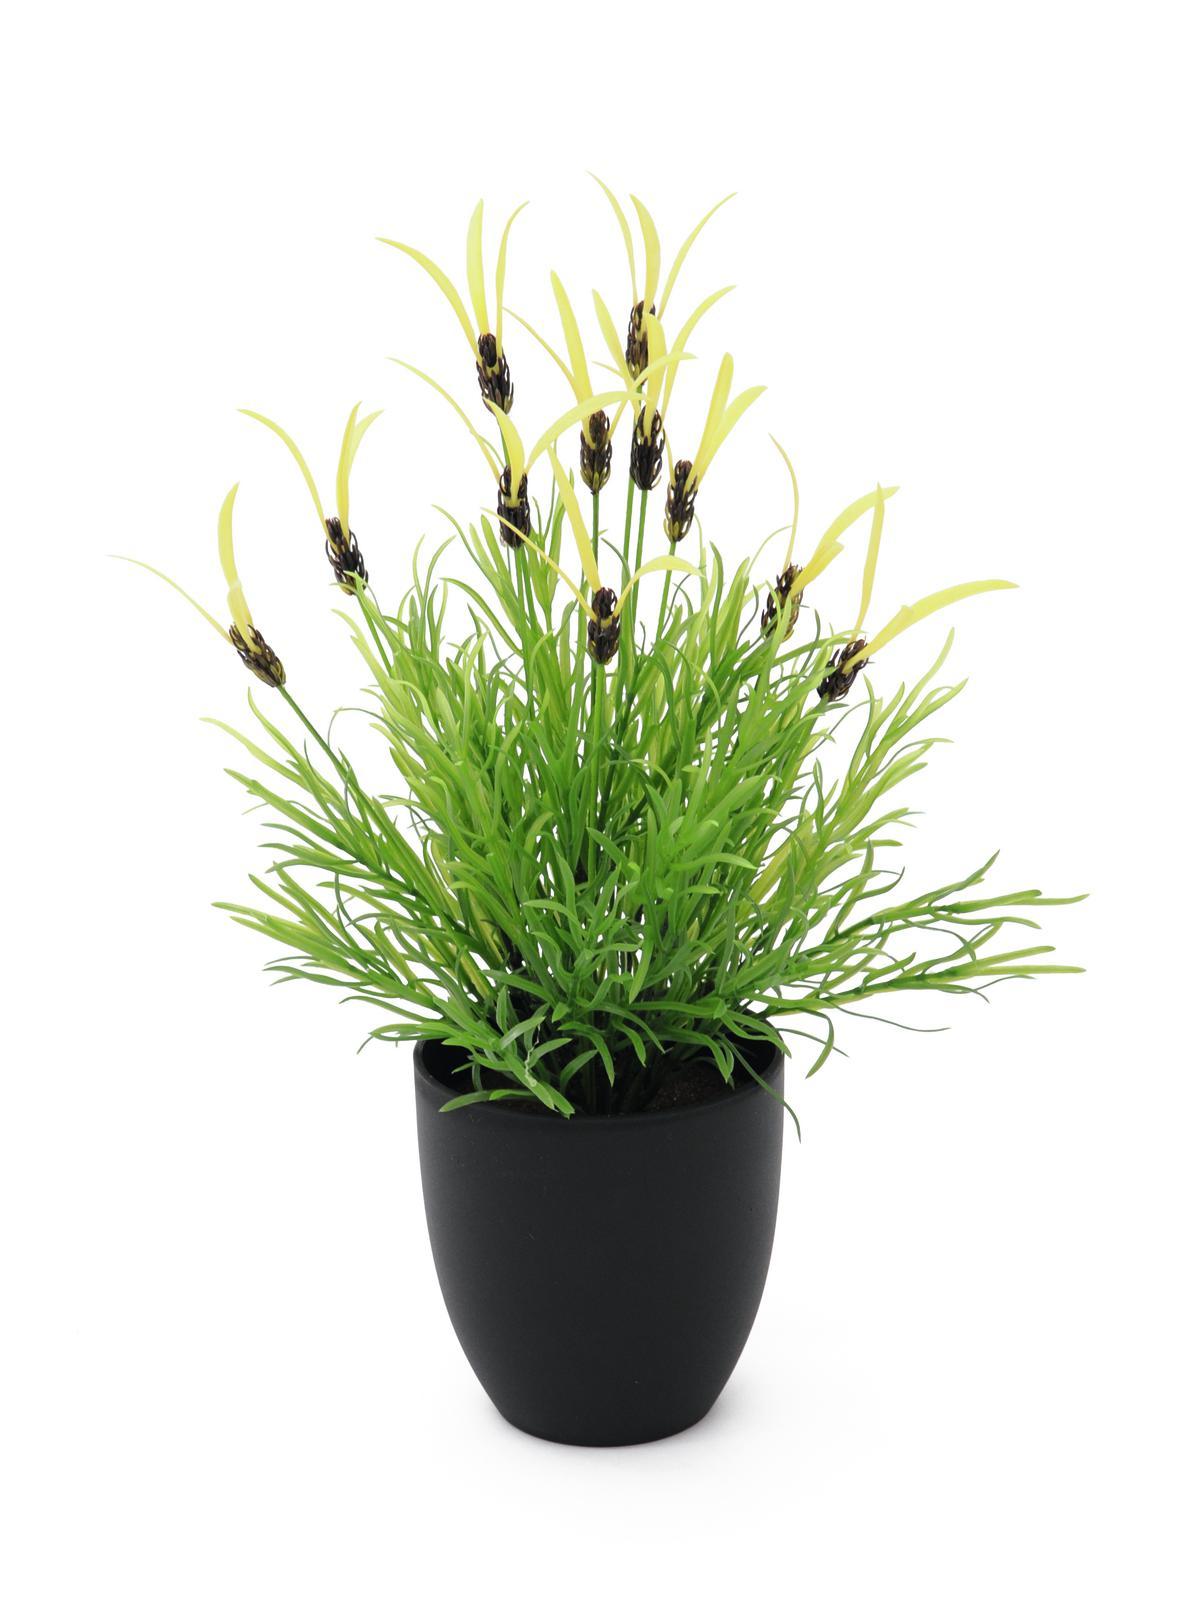 europalms-federlattich-40cm-kunststoffpflanze